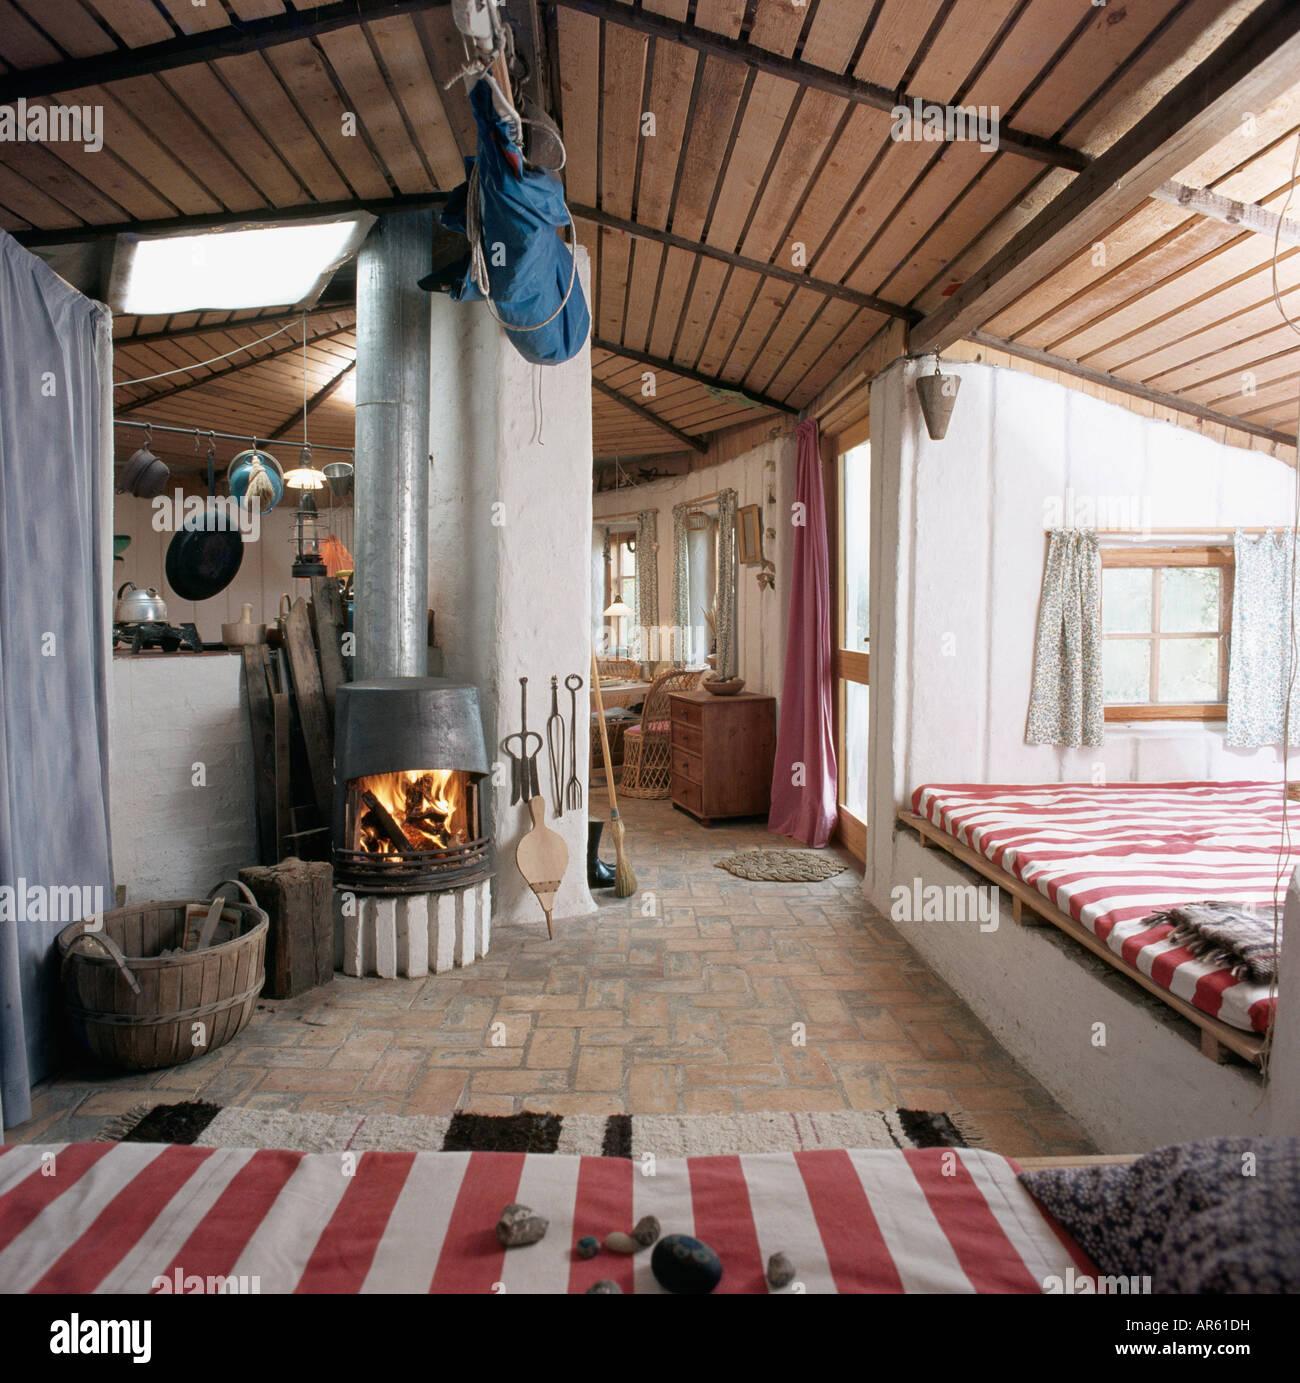 Ofen in siebziger Jahre offene Wohnzimmer mit Holzdecke und rot-weiß ...